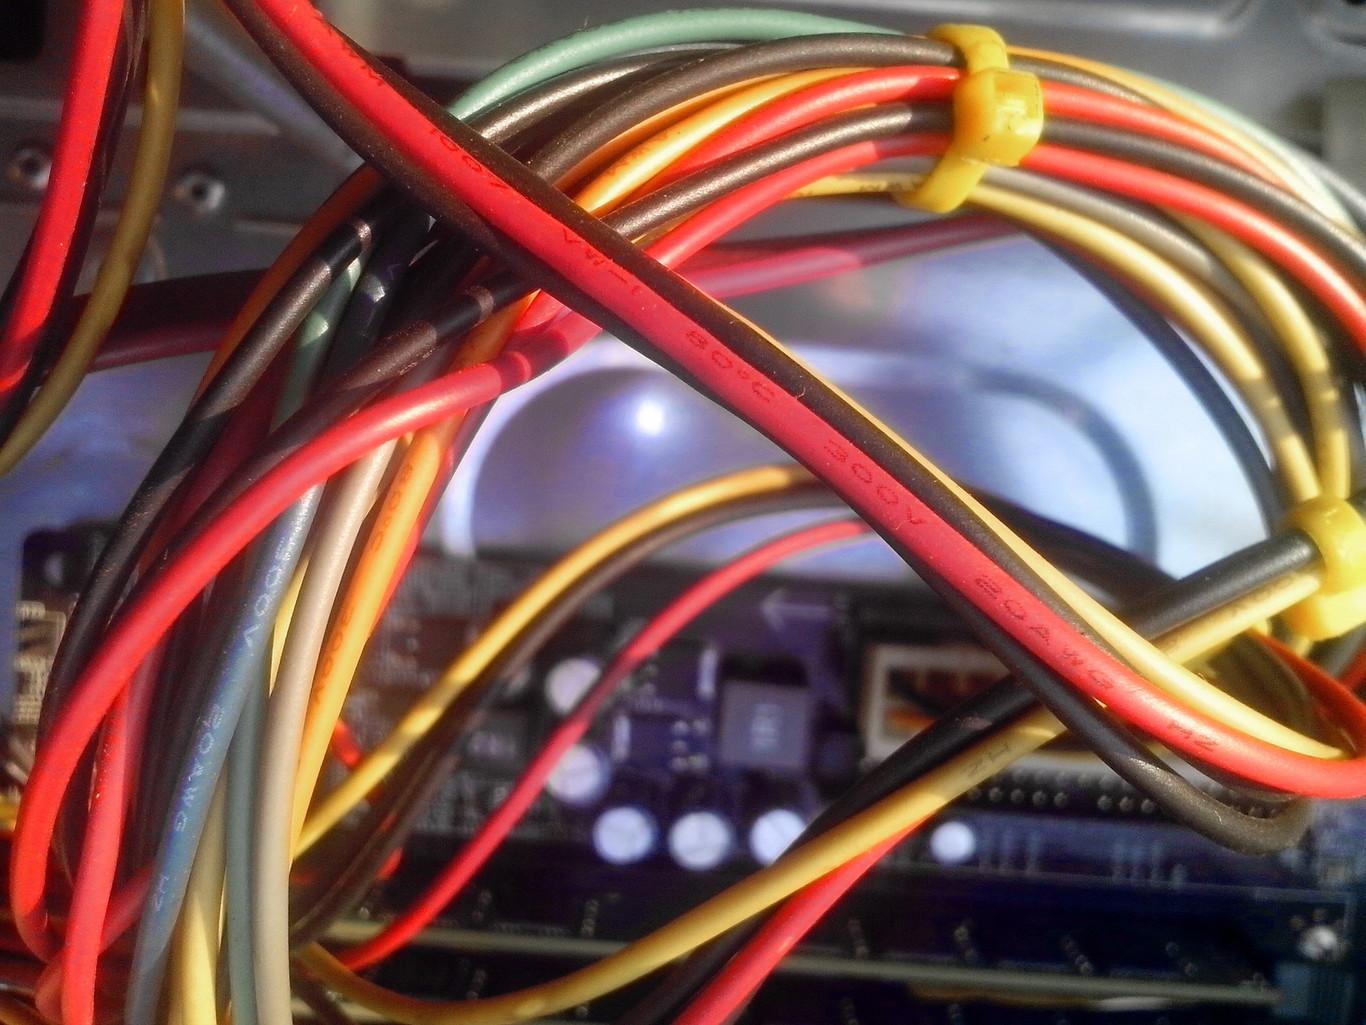 MOSOTECH Organizador Cables Cubre Cables de 2 x 3m Flexible Funda Organizador Cables Recoge Cables para Office y PC Escritorio-Negro y Gris /Ø2.2cm y /Ø1.6cm Organizador de Cables Mesa